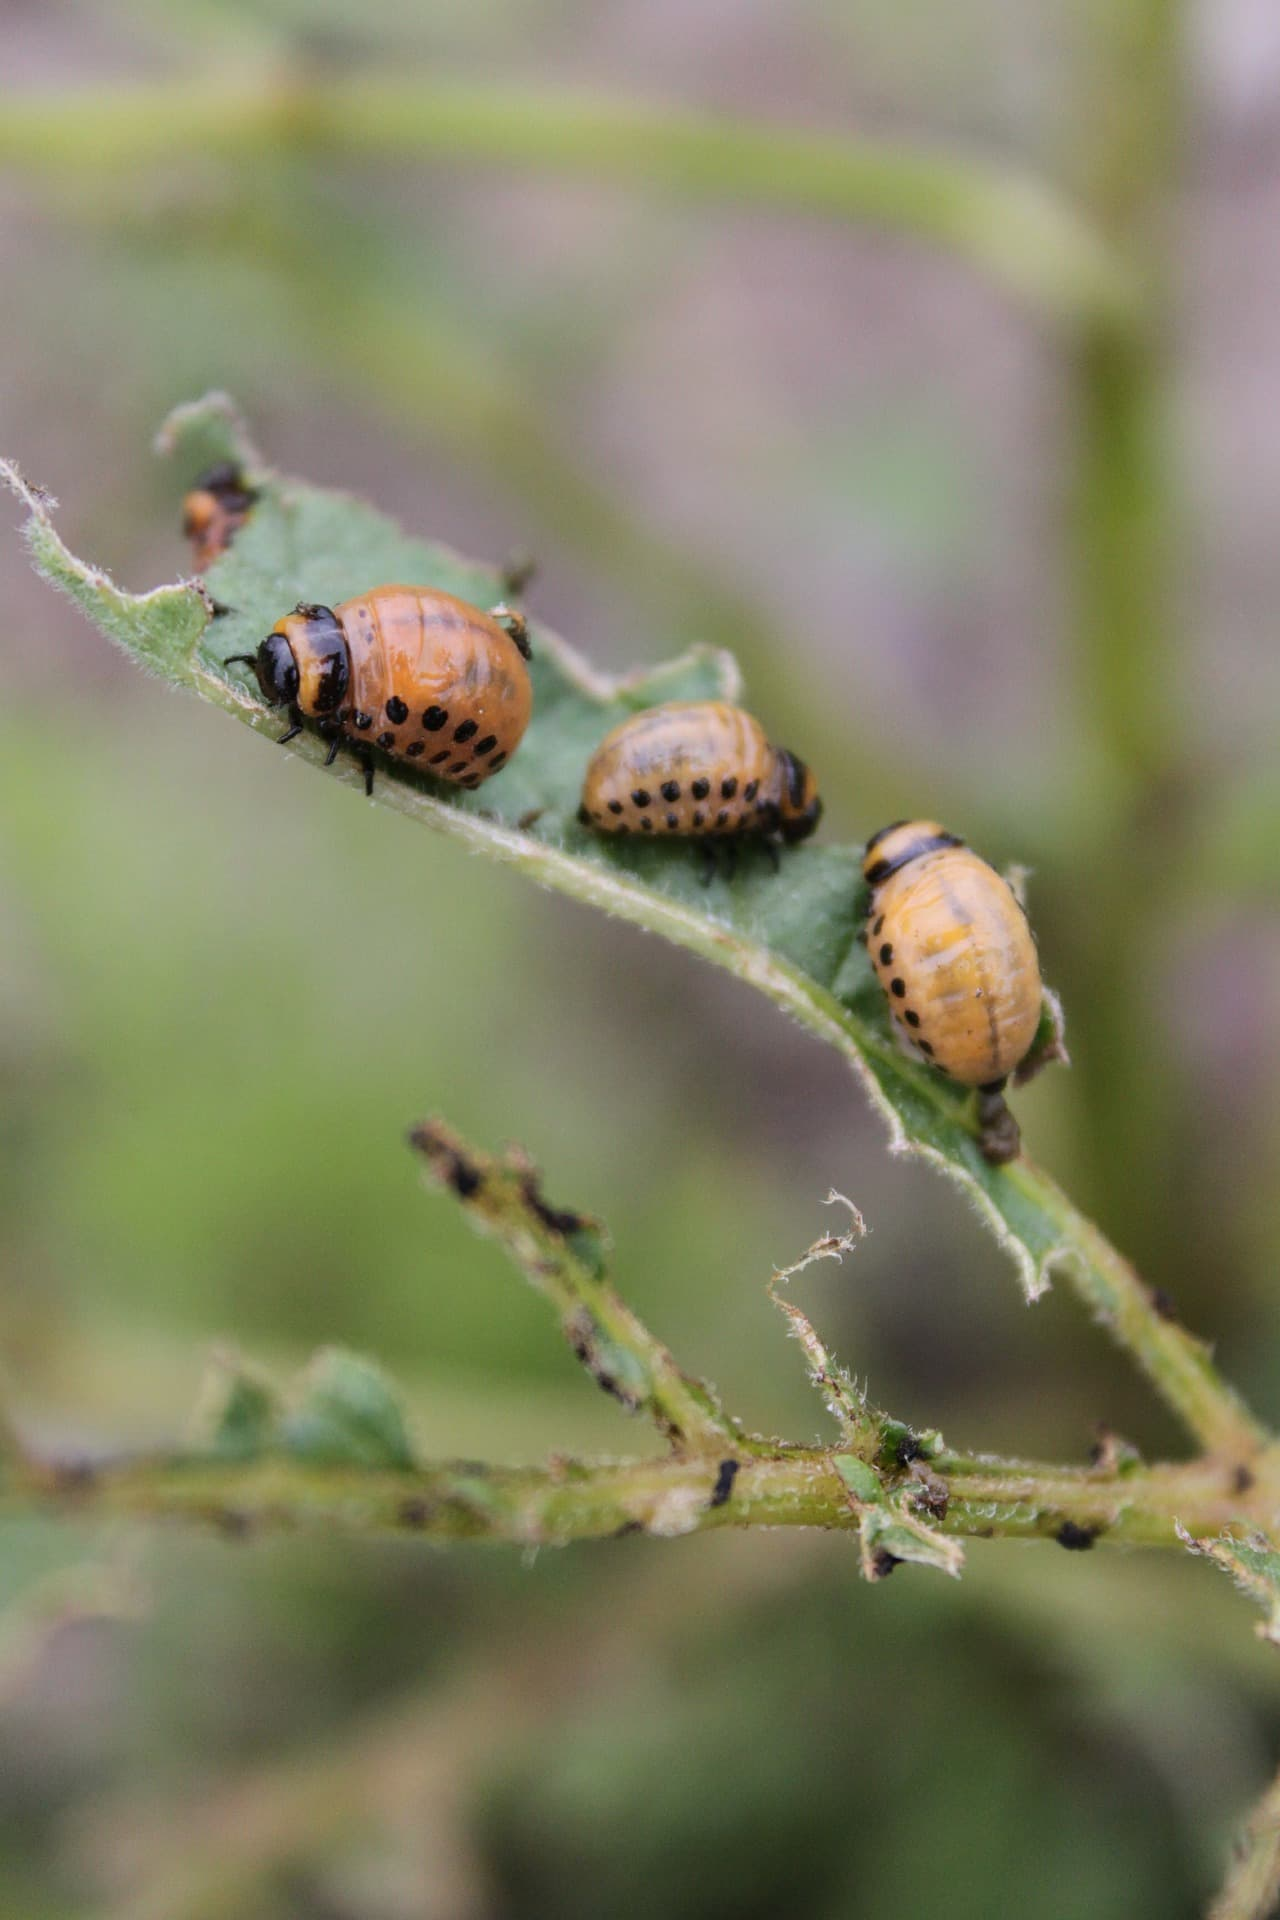 Des larves de doryphore ravagent un plant de pommes de terre